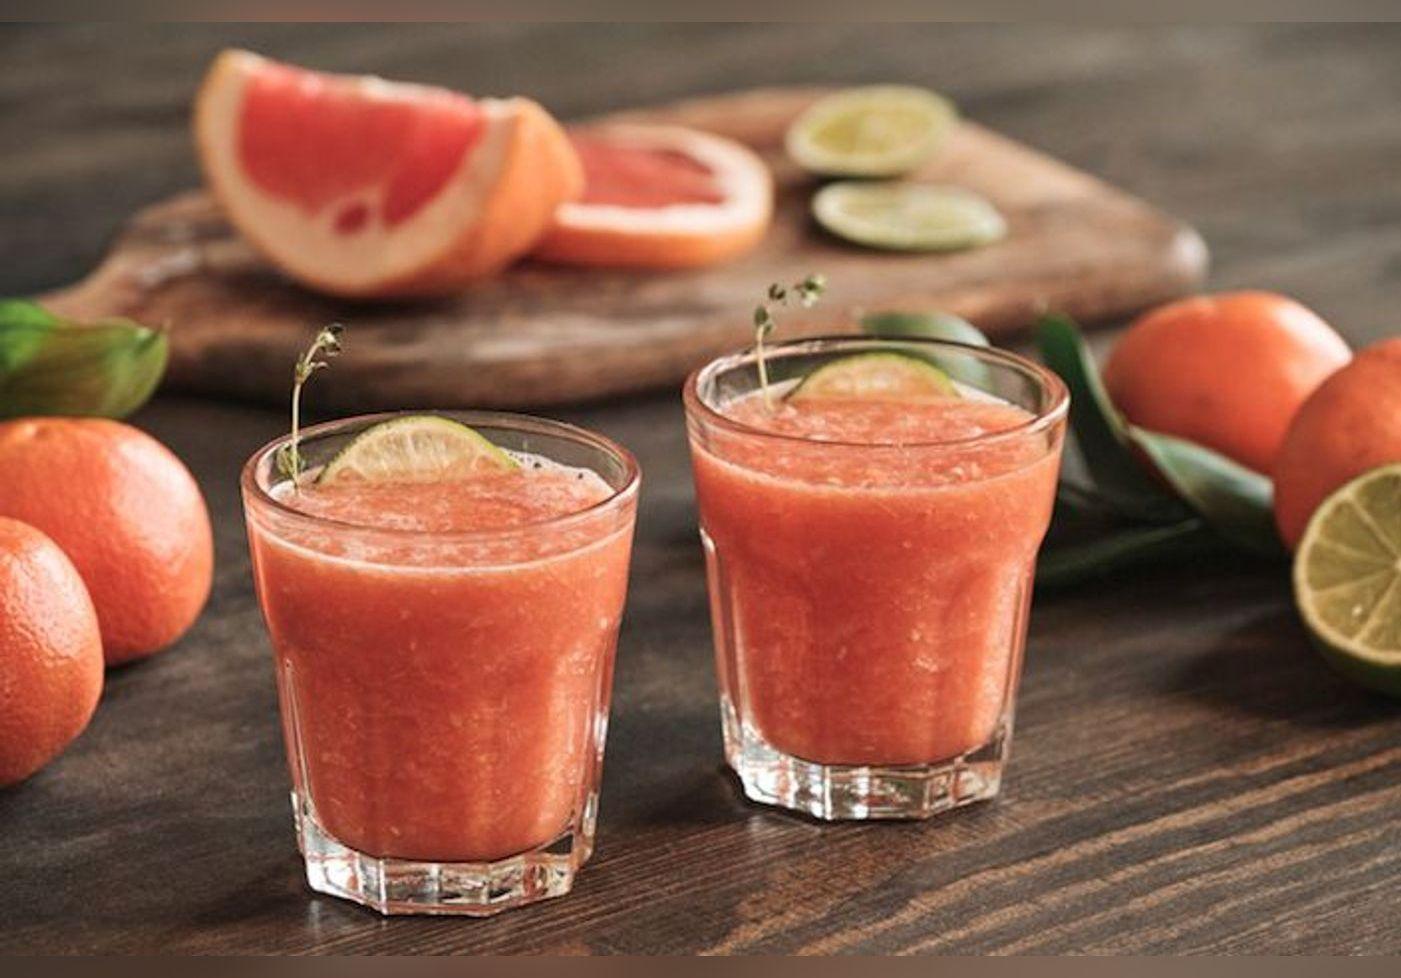 S'abreuver deux fois par jour de ce mélange naturel permettrait de perdre du poids plus facilement !